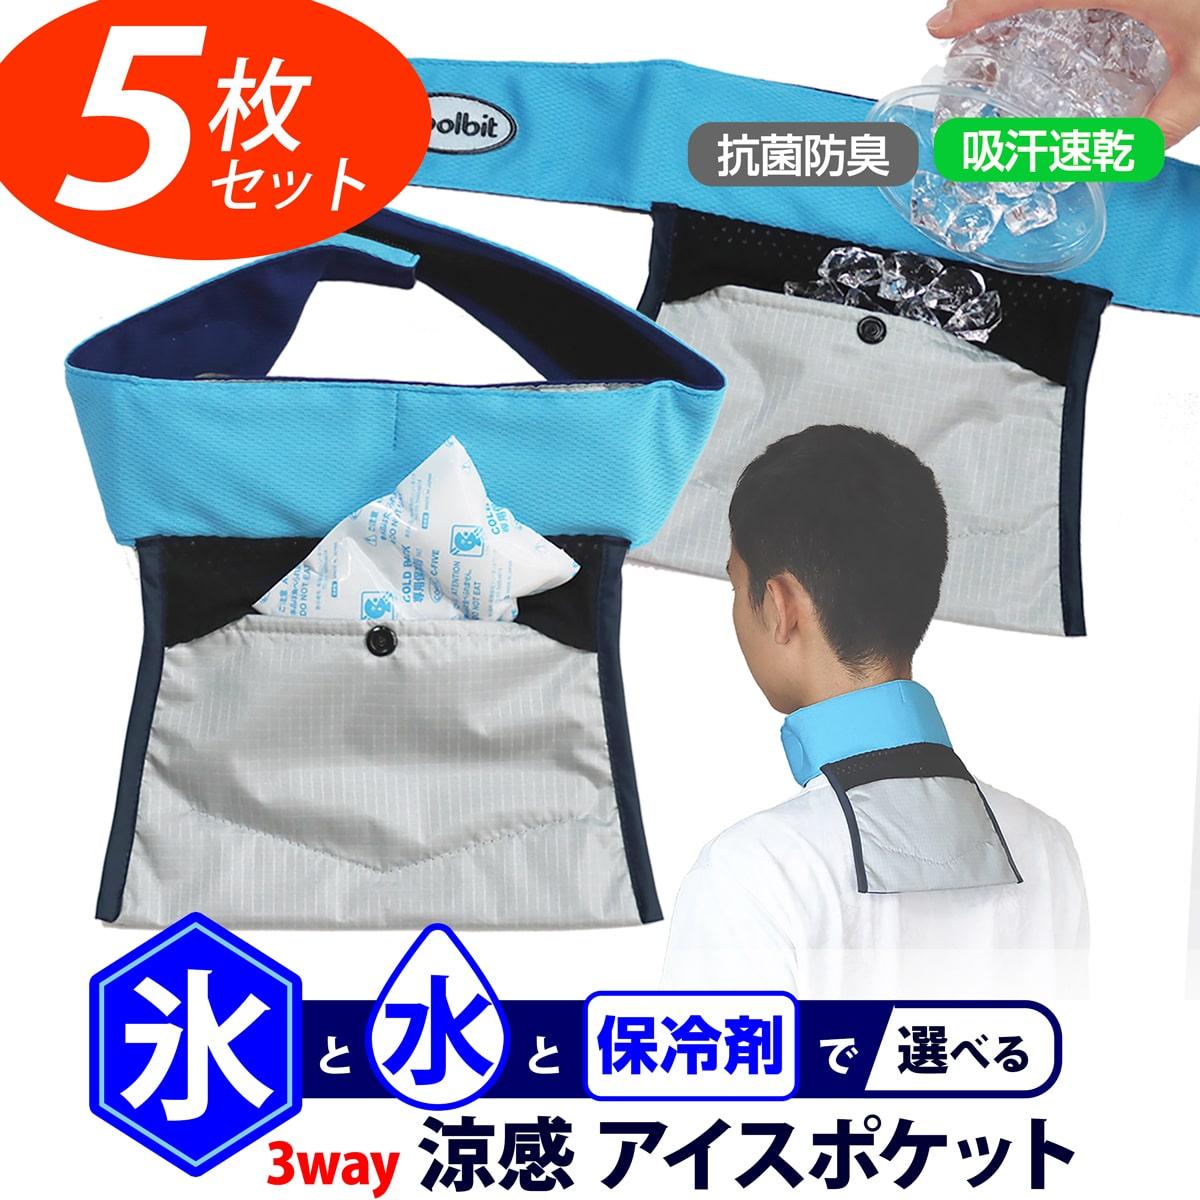 【5枚まとめ割り】工事 現場 熱中症対策 グッズ クールビットIPネッククーラー coolbit 現場作業の暑さ対策に 首 冷却 氷で!冷水で! 保冷剤で! 保冷剤付属 HCN-IPCL2熱中症対策 ベスト 現場 冷たい coolbit HCN-IPCL2